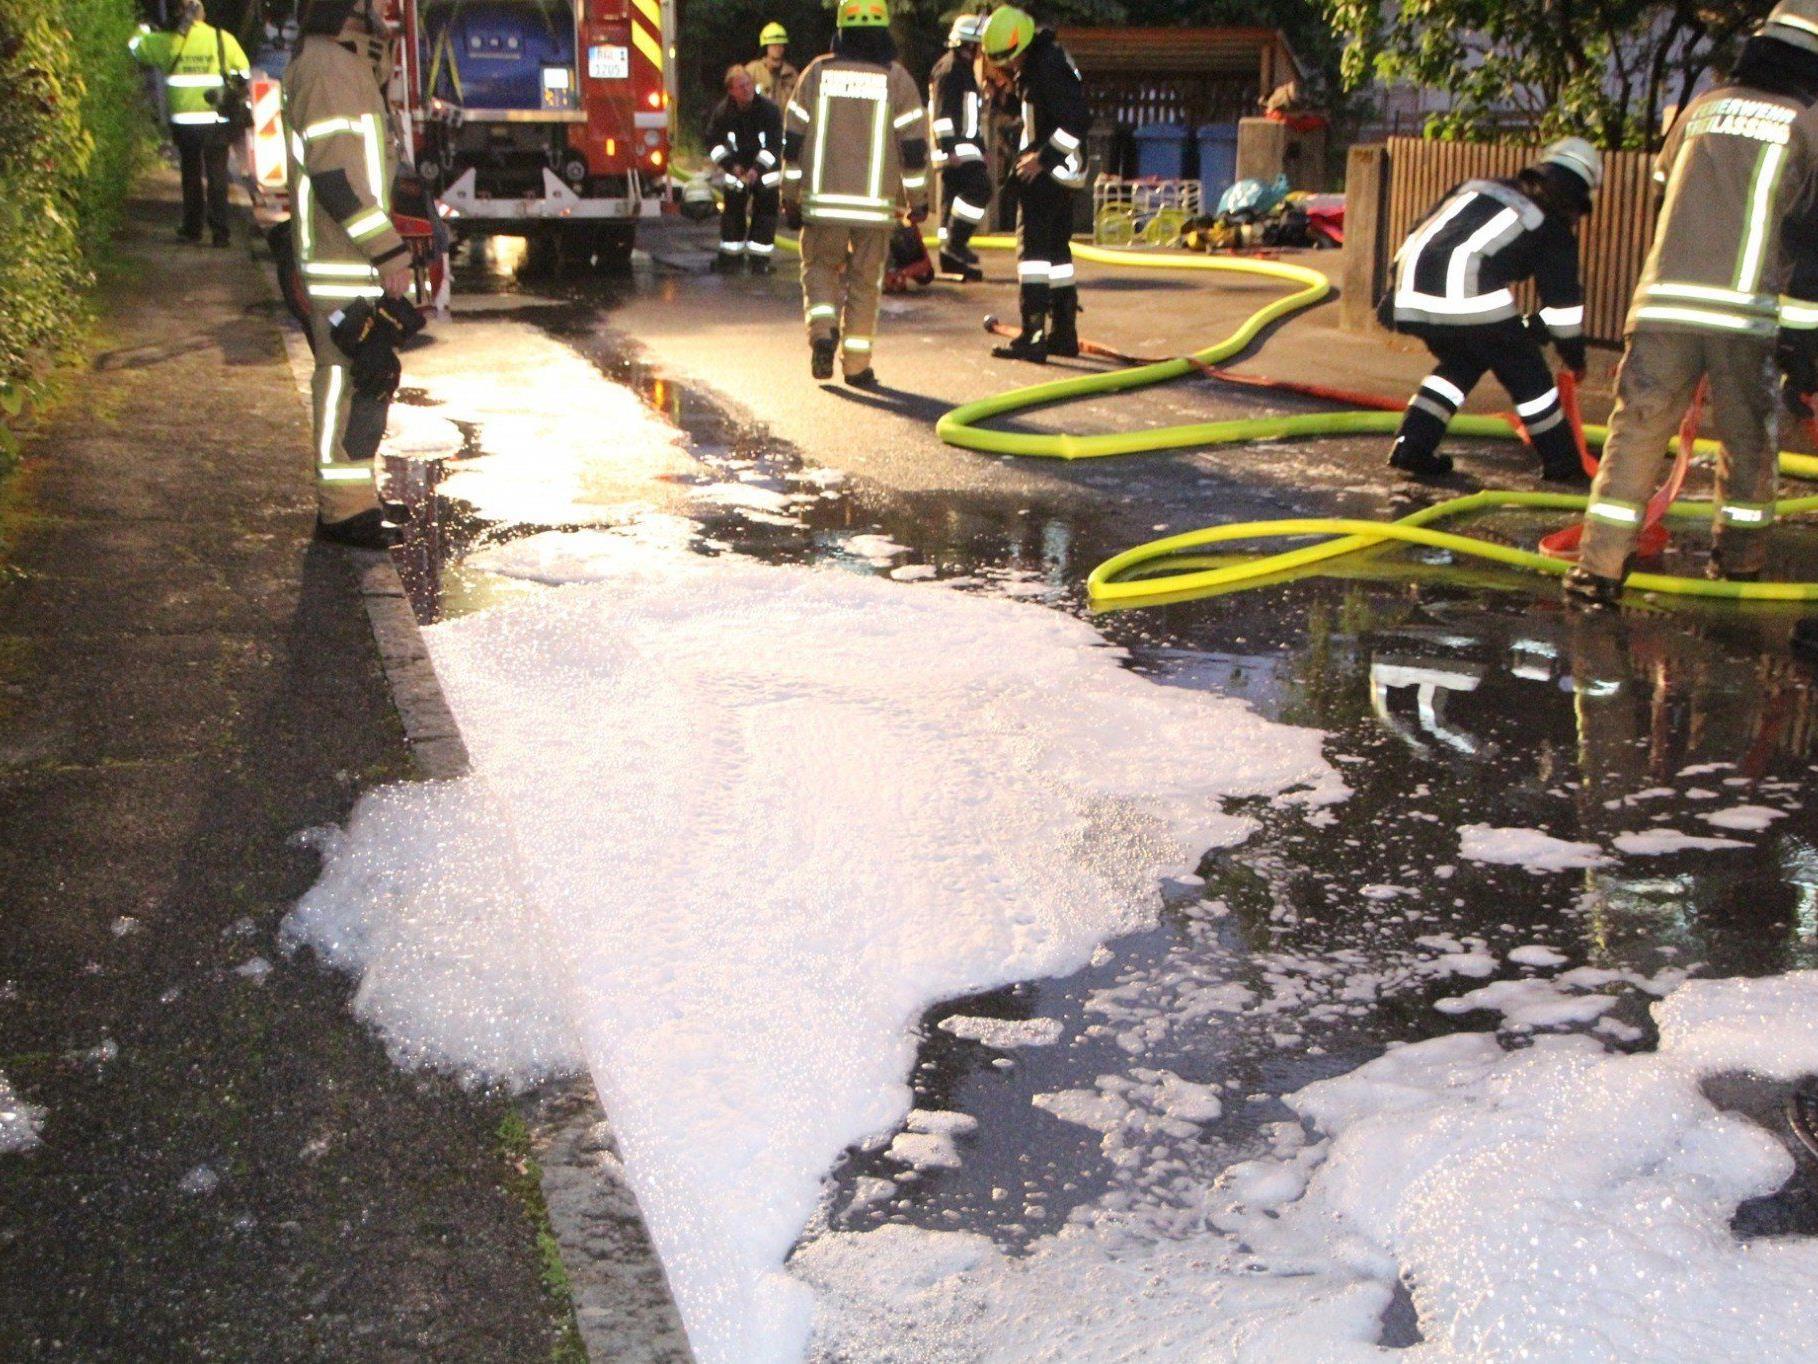 Einen Verletzten gab es am Donnerstag bei einem Brand in einer Wohnung in Freilassing